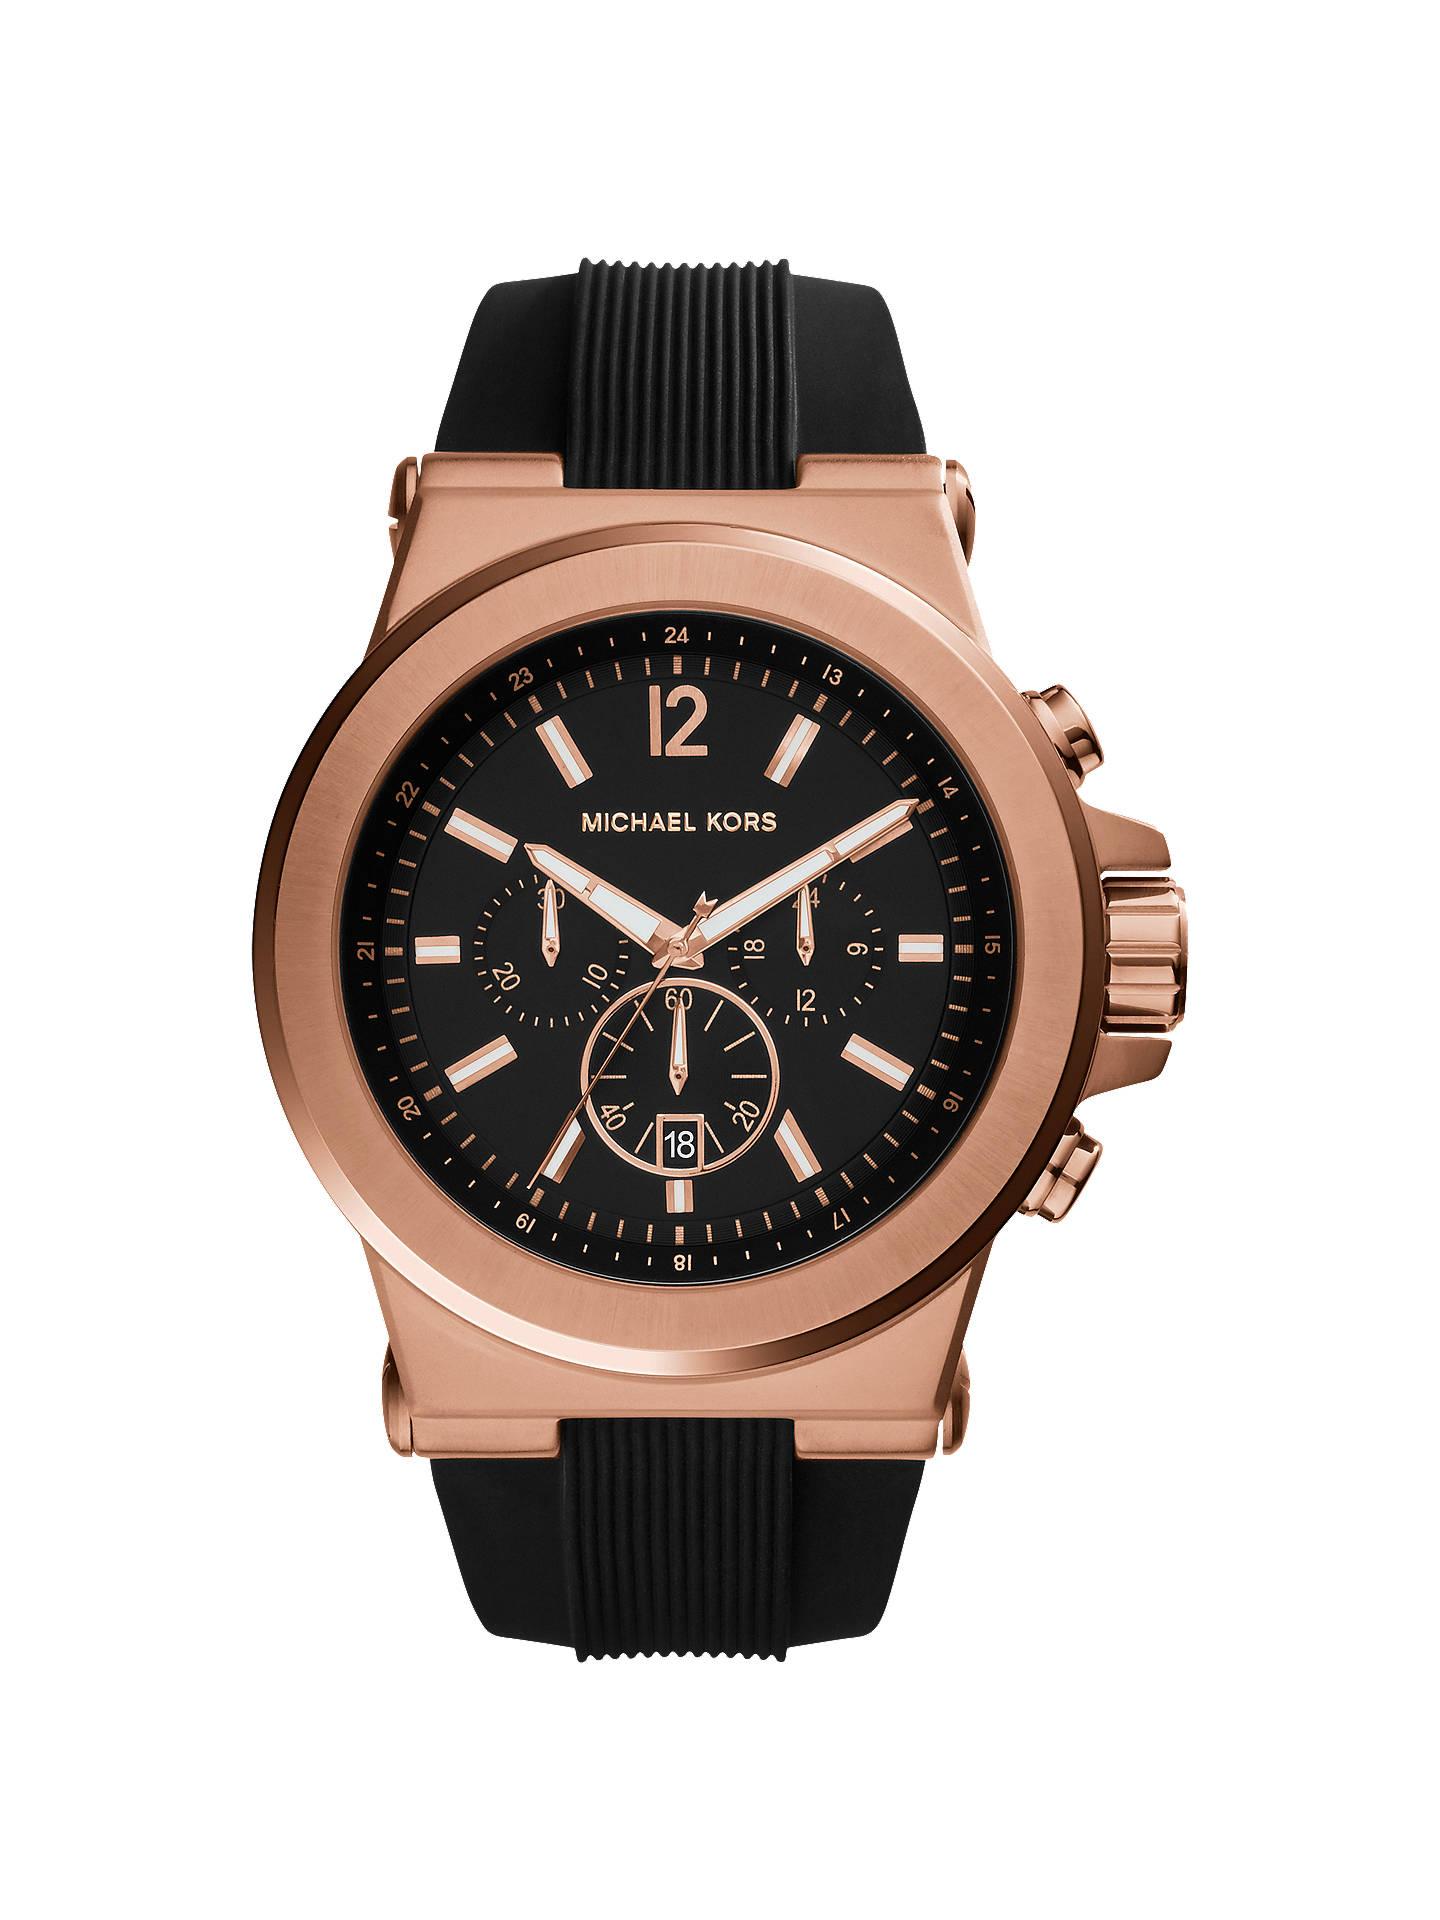 3de2d5f0d143 Michael Kors Men s Dylan Chronograph Date Silicone Strap Watch ...